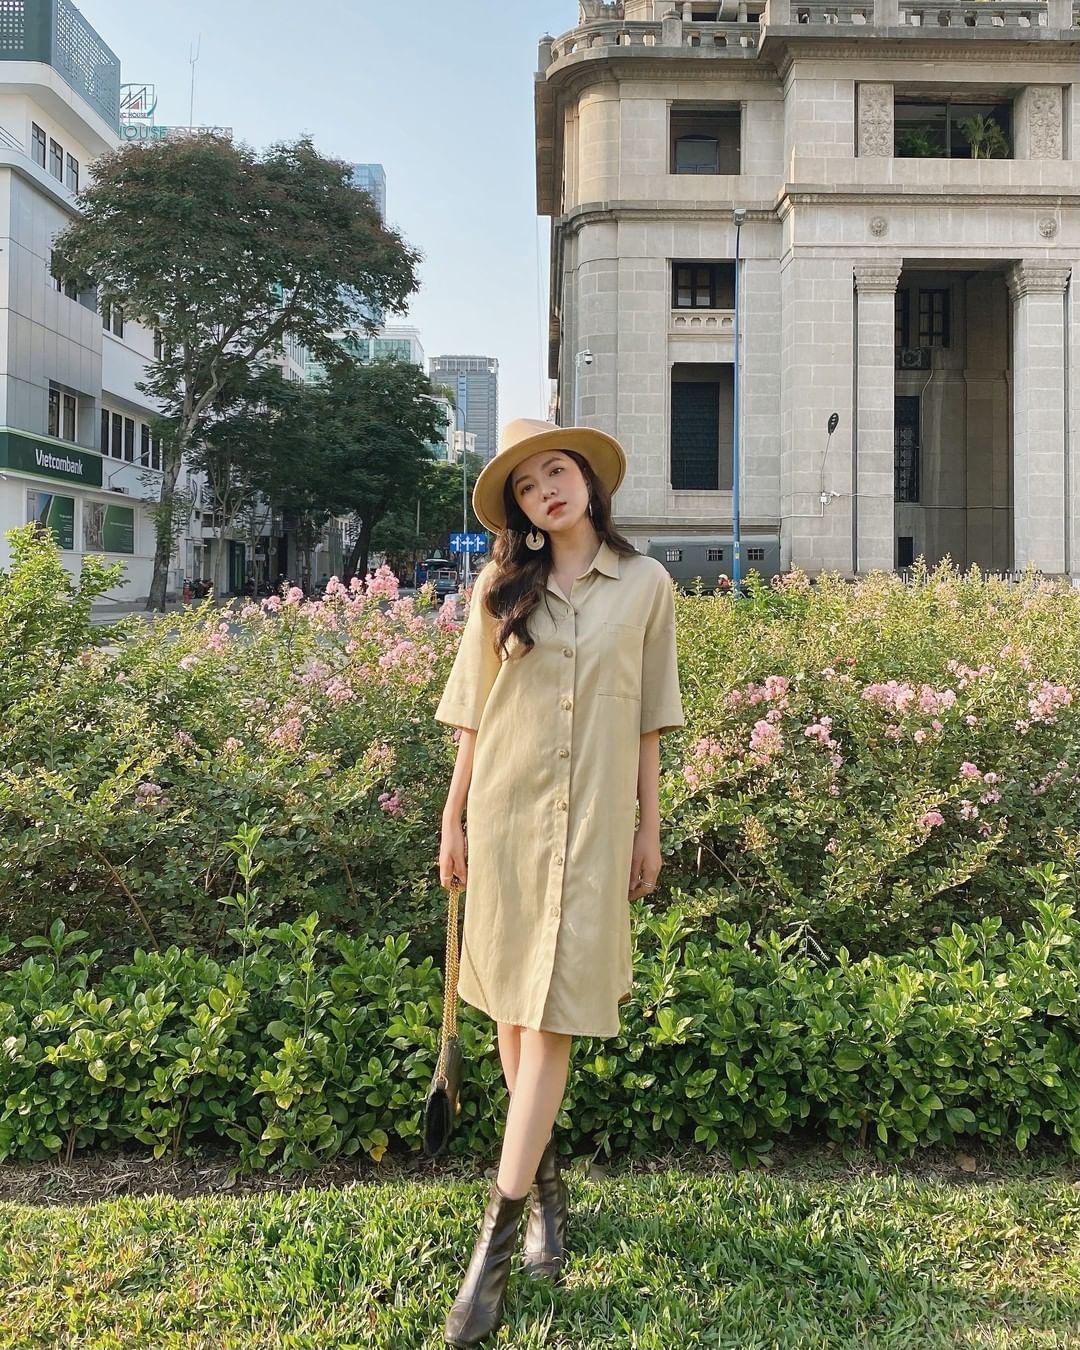 Sắm váy sơ mi rộng rãi mát mẻ mặc lên xinh như gái Hàn đi chị em, giá chỉ từ 180k thôi - Ảnh 8.